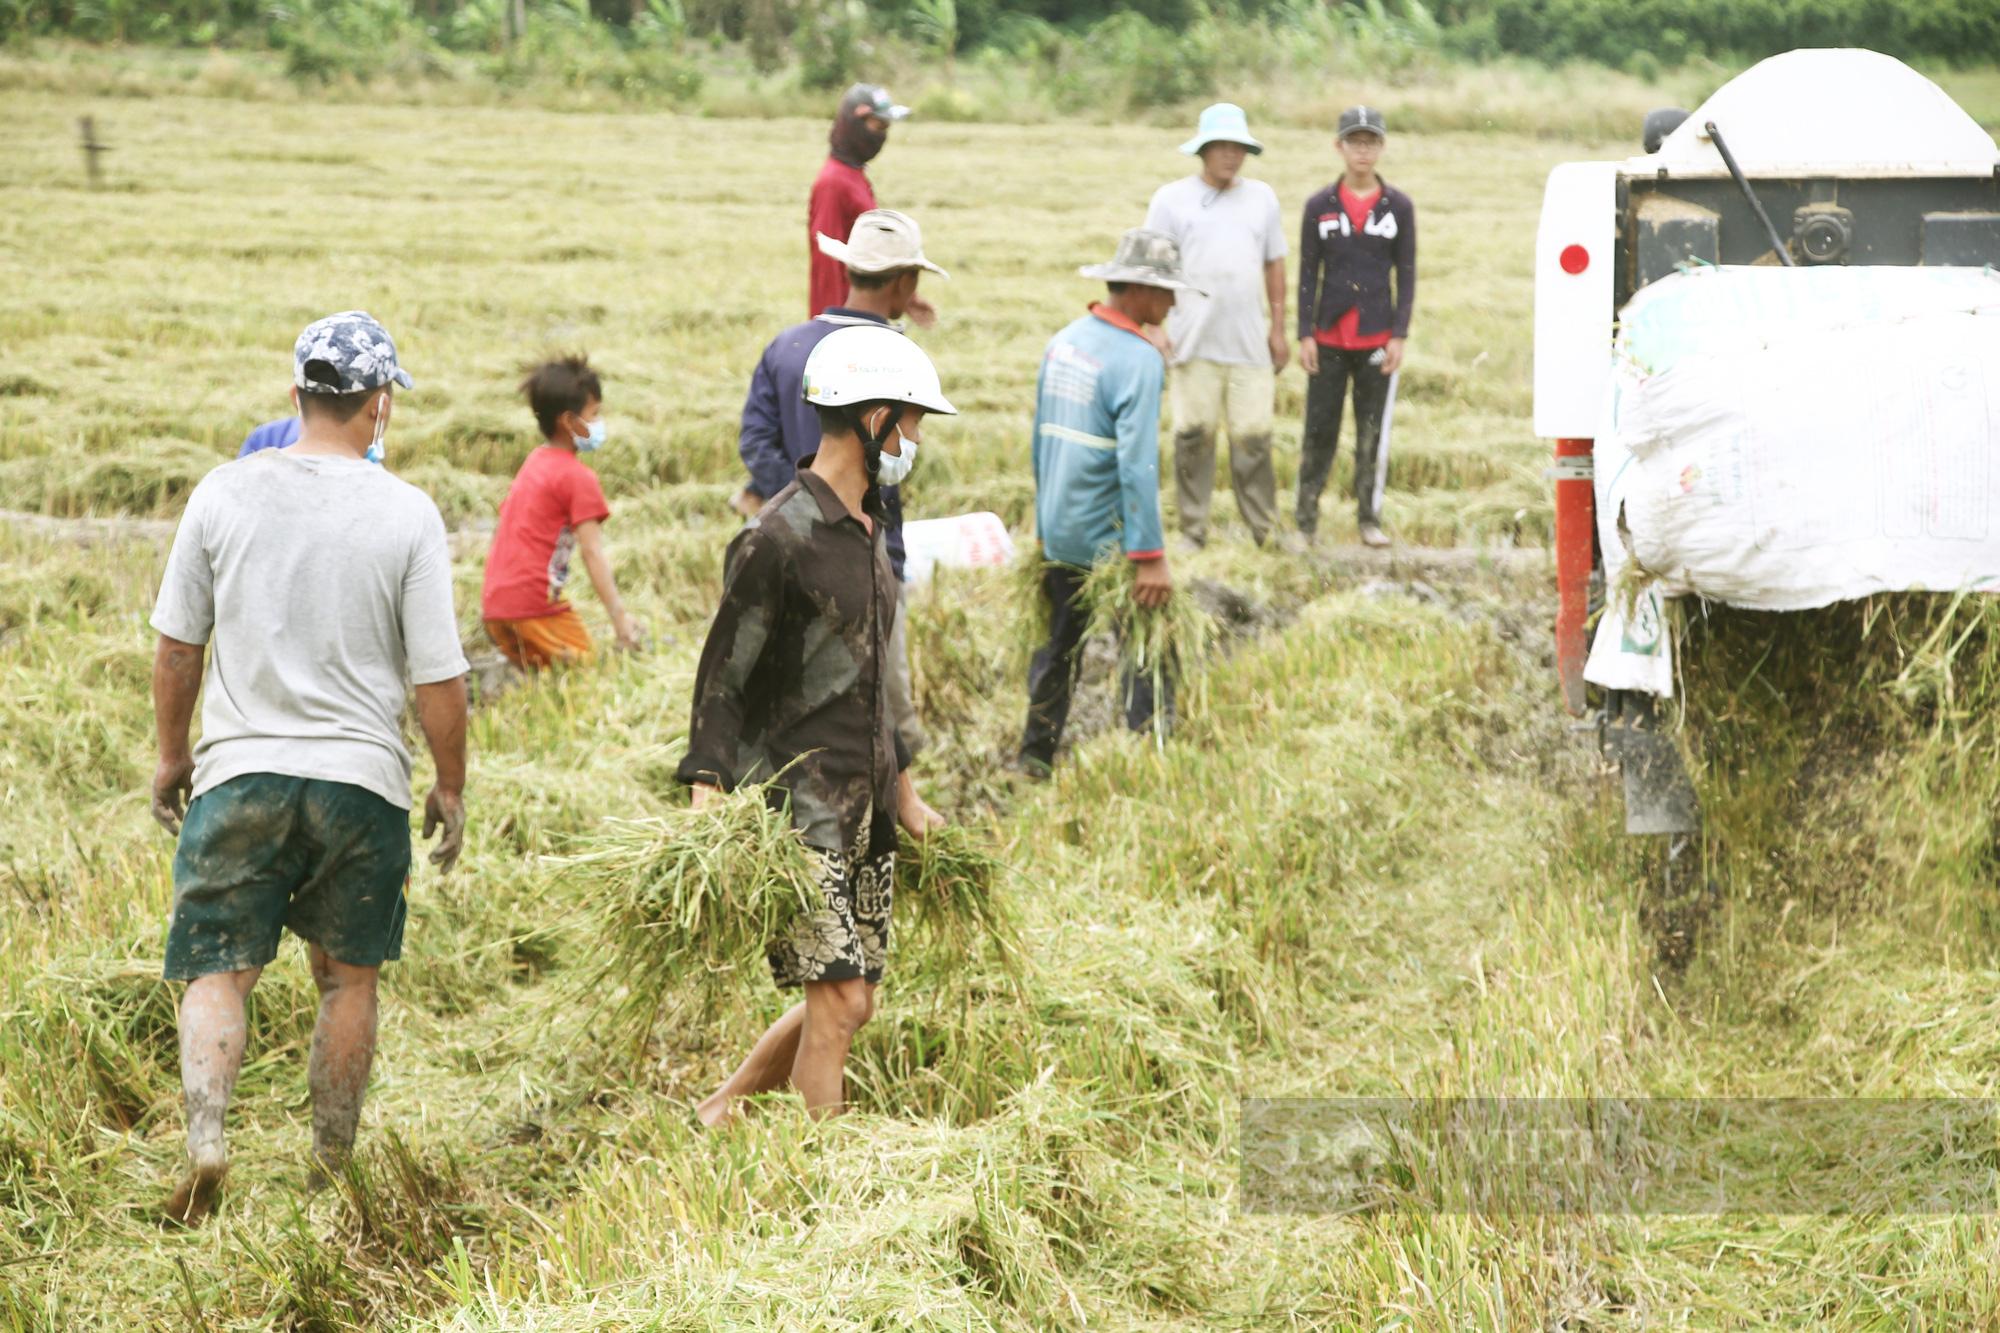 Thanh niên Cần Thơ rủ nhau đi bắt chuột đồng mùa thu hoạch lúa Thu Đông 2021 - Ảnh 6.